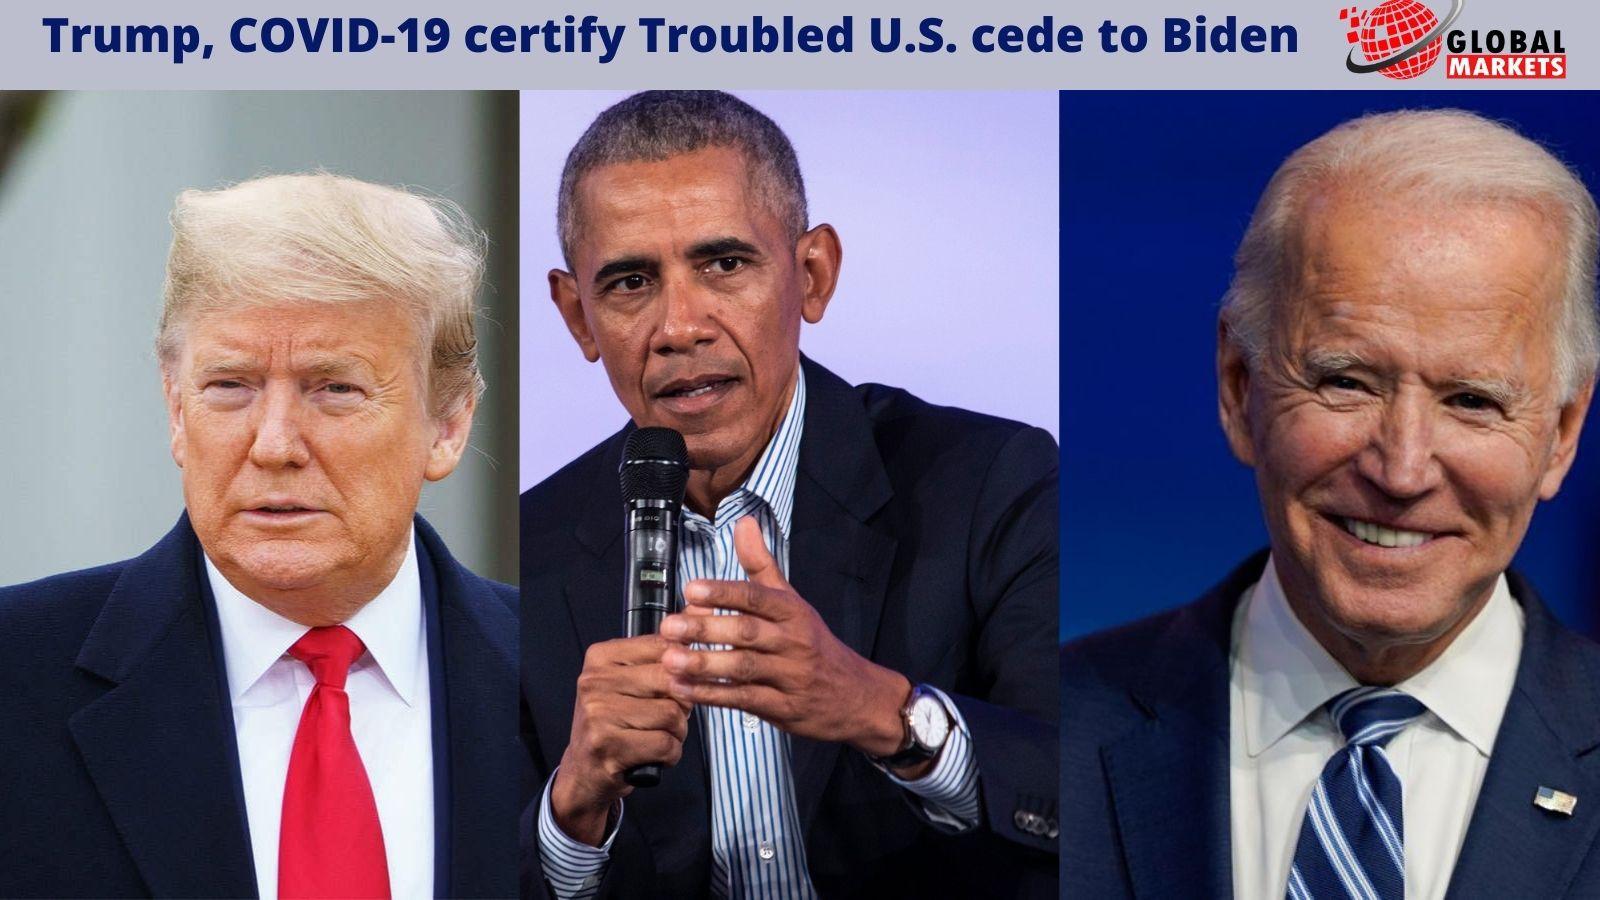 Trump, COVID-19 certify troubled U.S. cede  to Biden